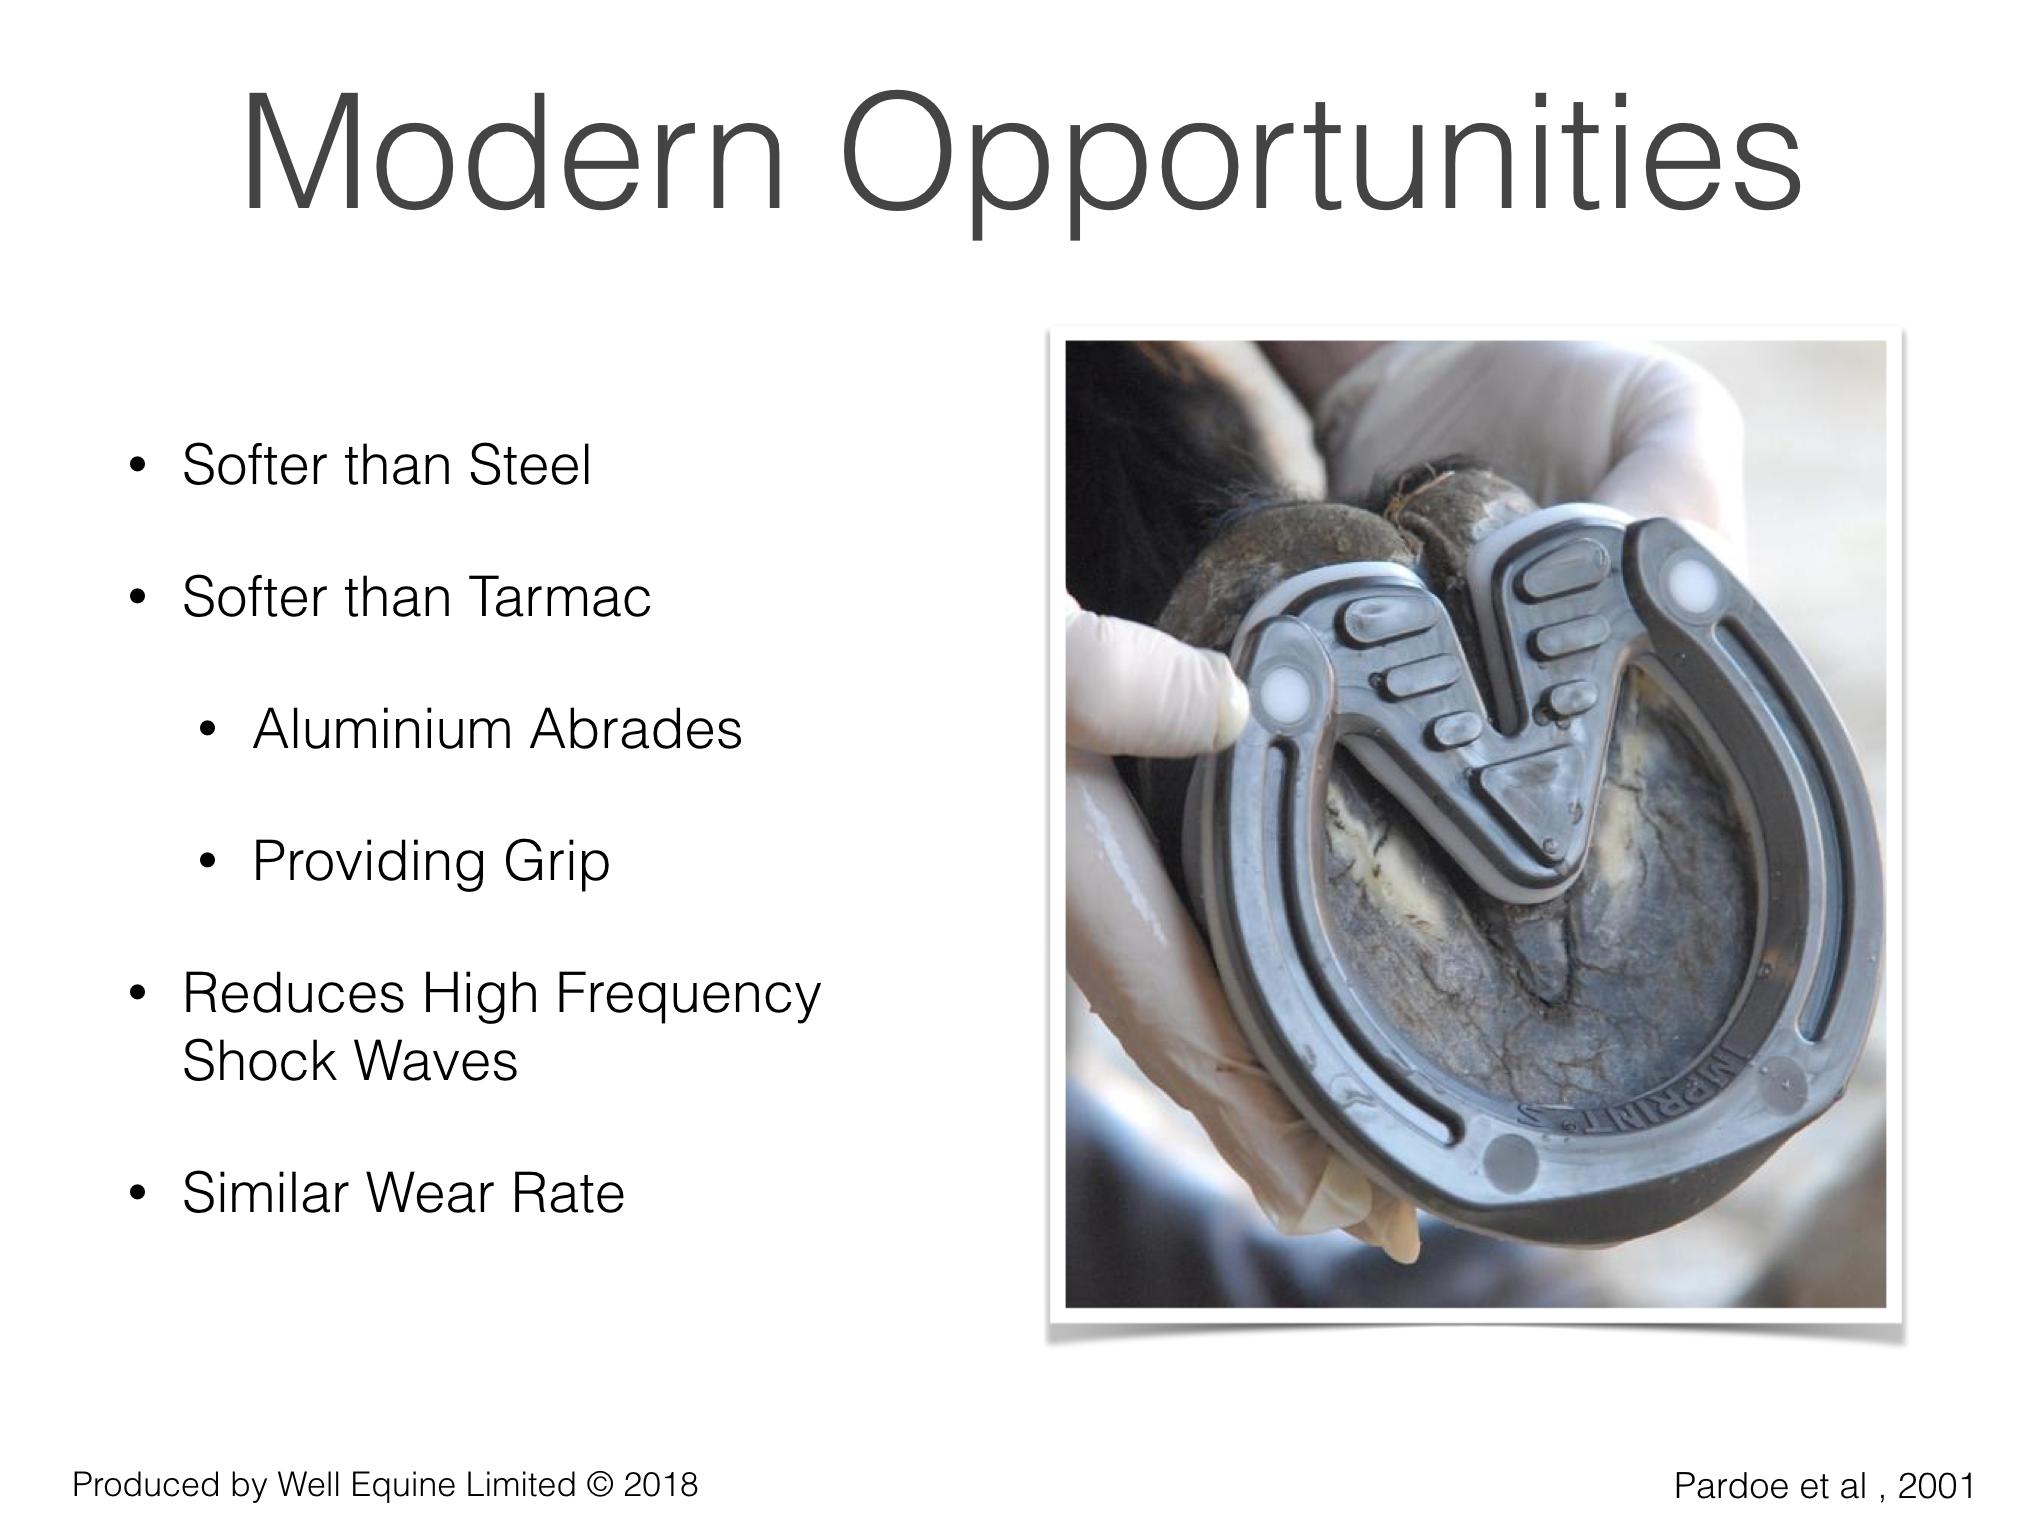 Modern Opportunities